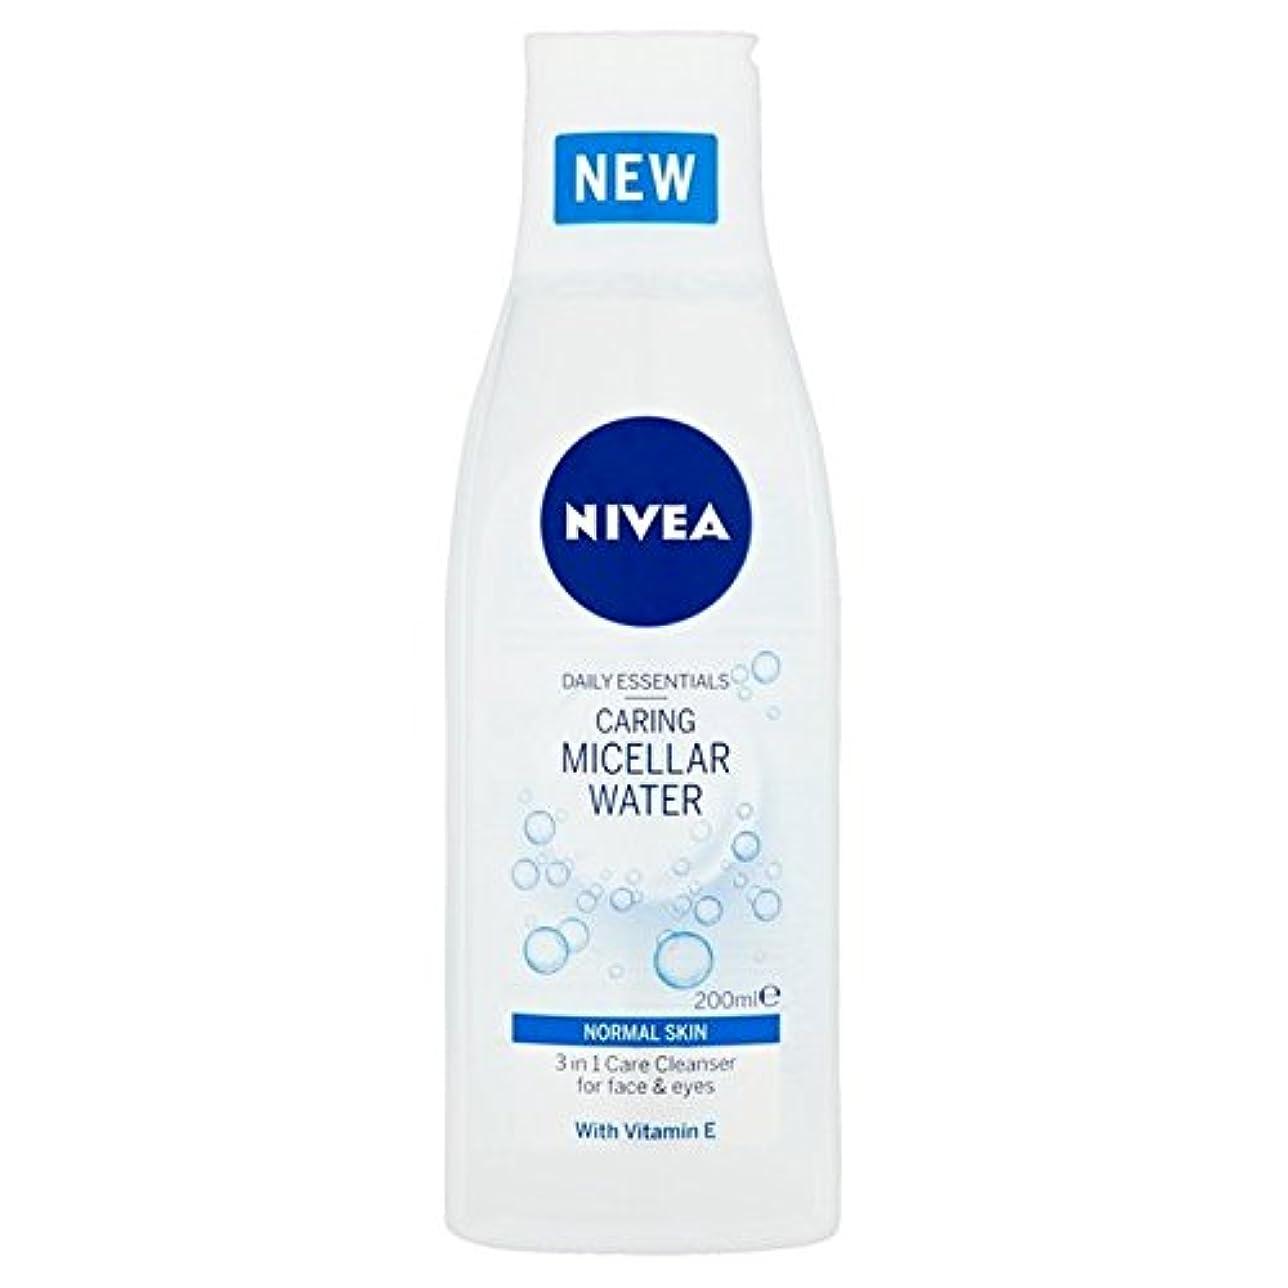 アルプスしないでくださいサービスNivea 3 in 1 Sensitive Caring Micellar Water Normal Skin 200ml (Pack of 6) - 1つの敏感な思いやりのあるミセル水の正常な皮膚の200ミリリットル...